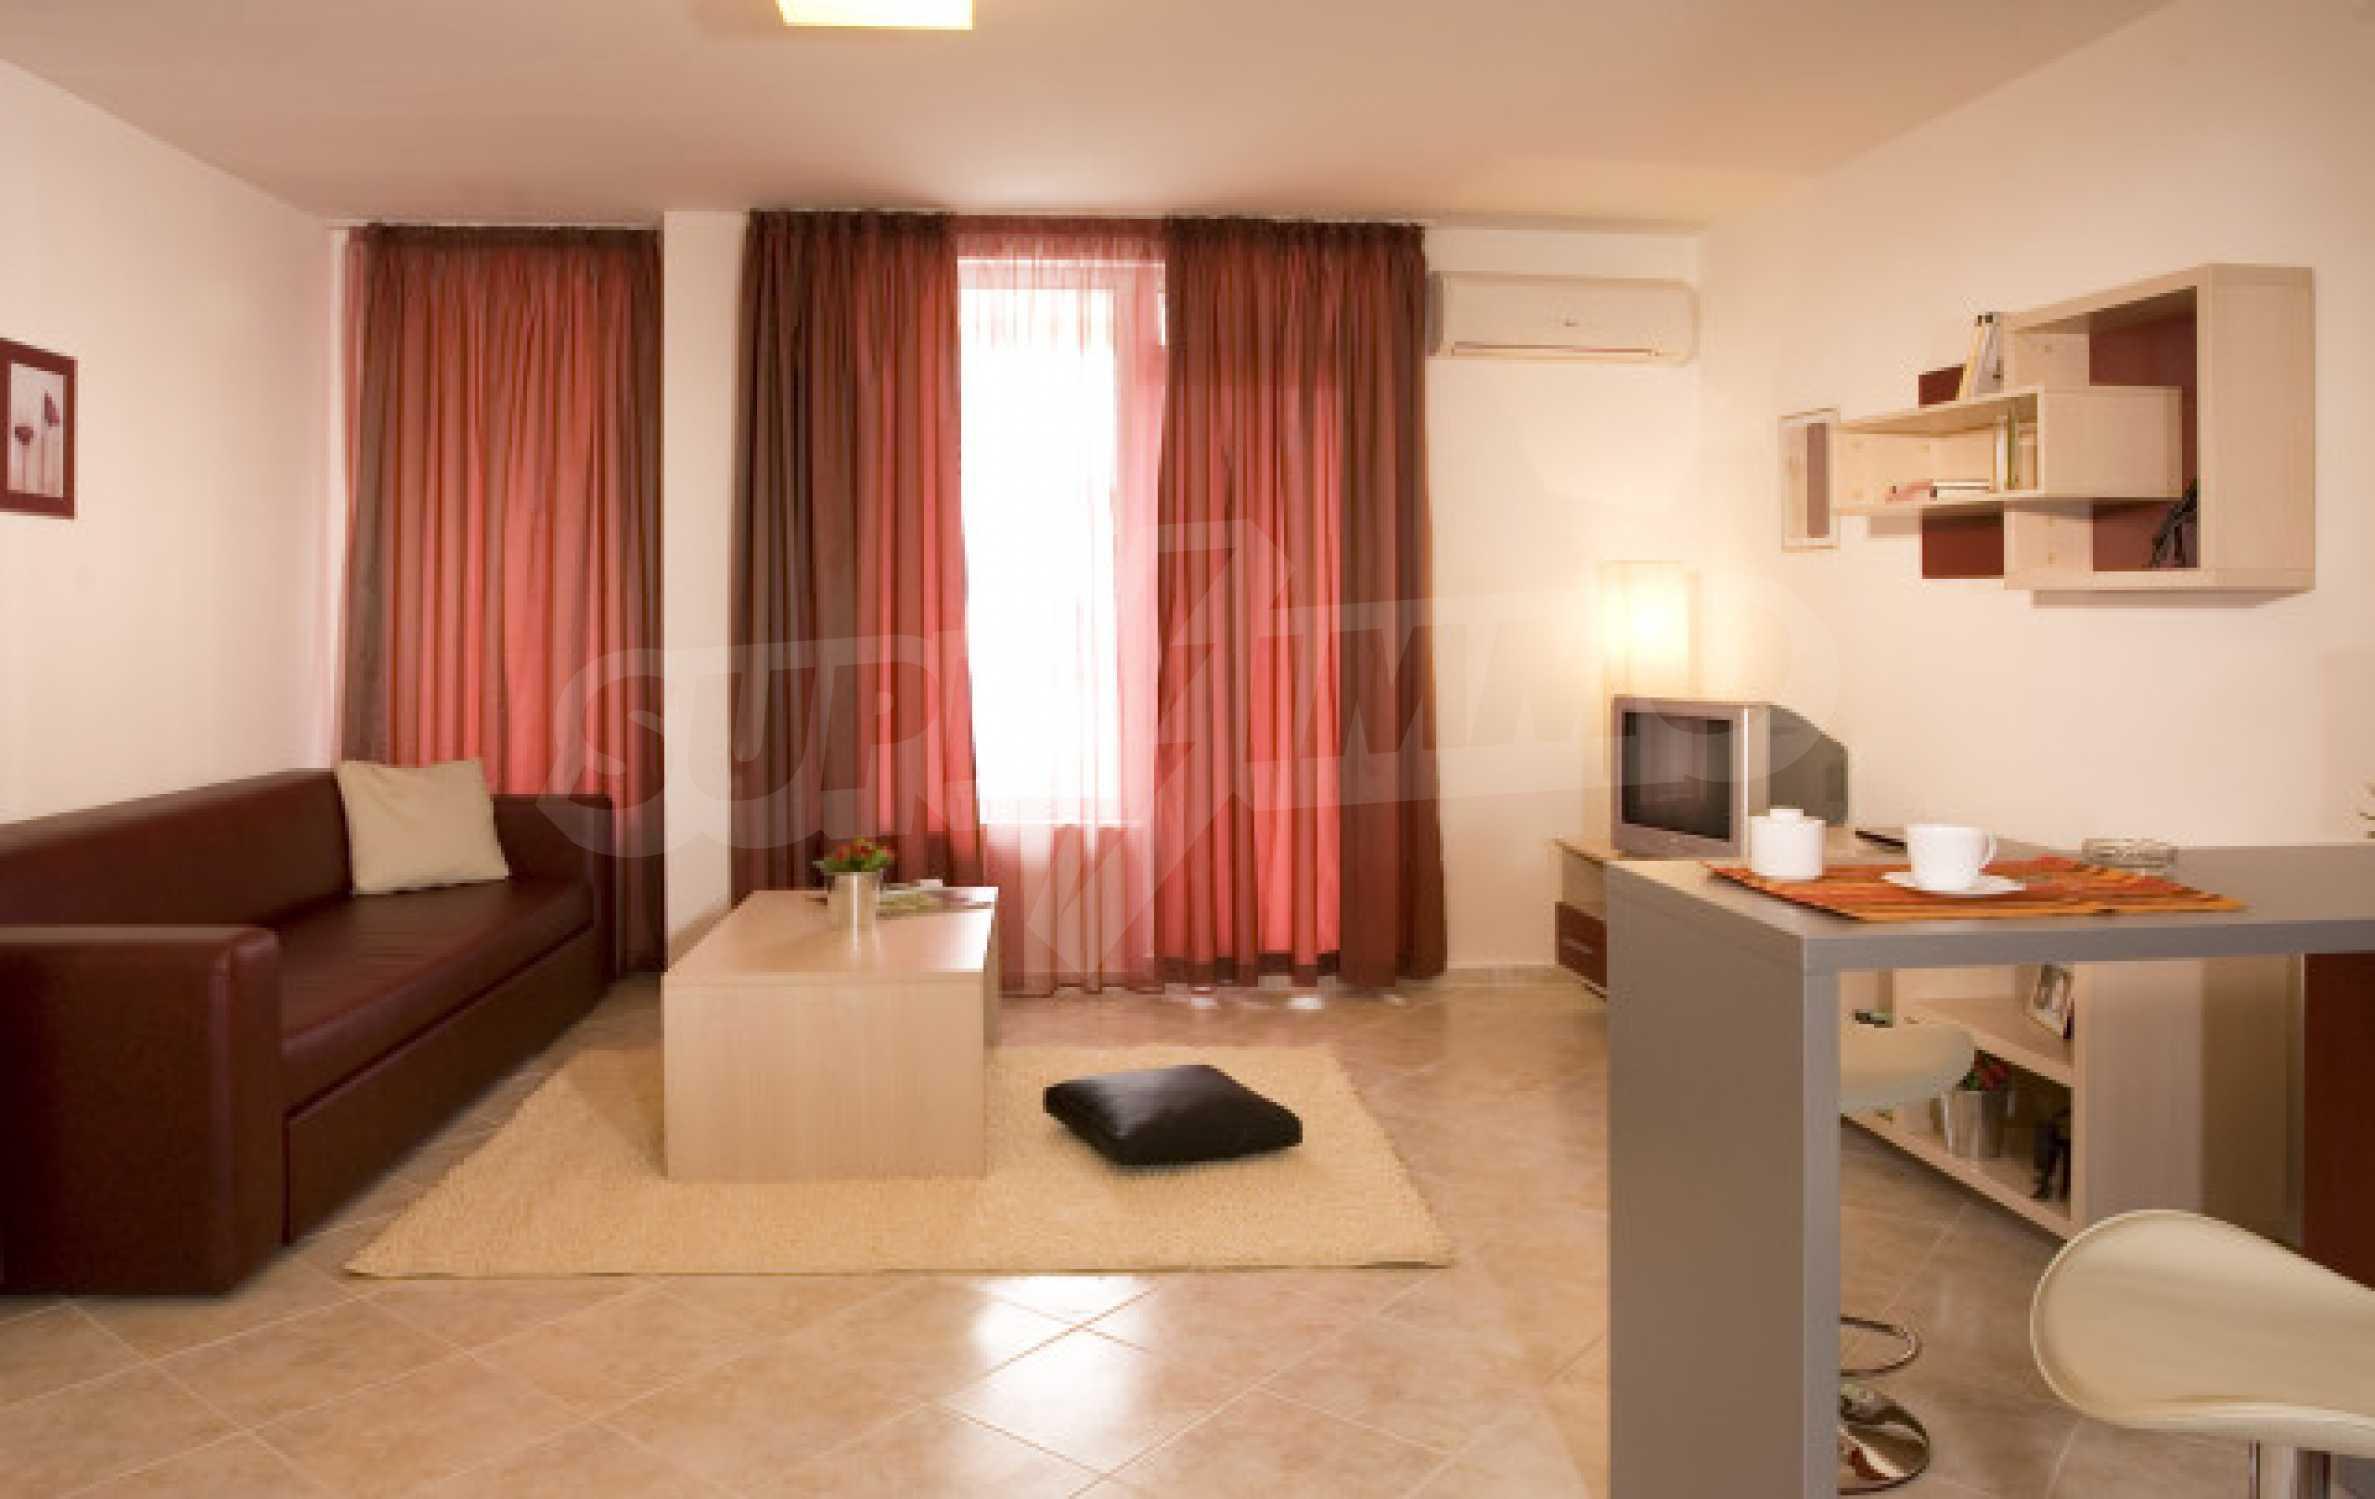 Sunset Kosharitsa - aпартаменти в атрактивен комплекс сред планината и морето, на 5 минути с кола от Слънчев бряг 60